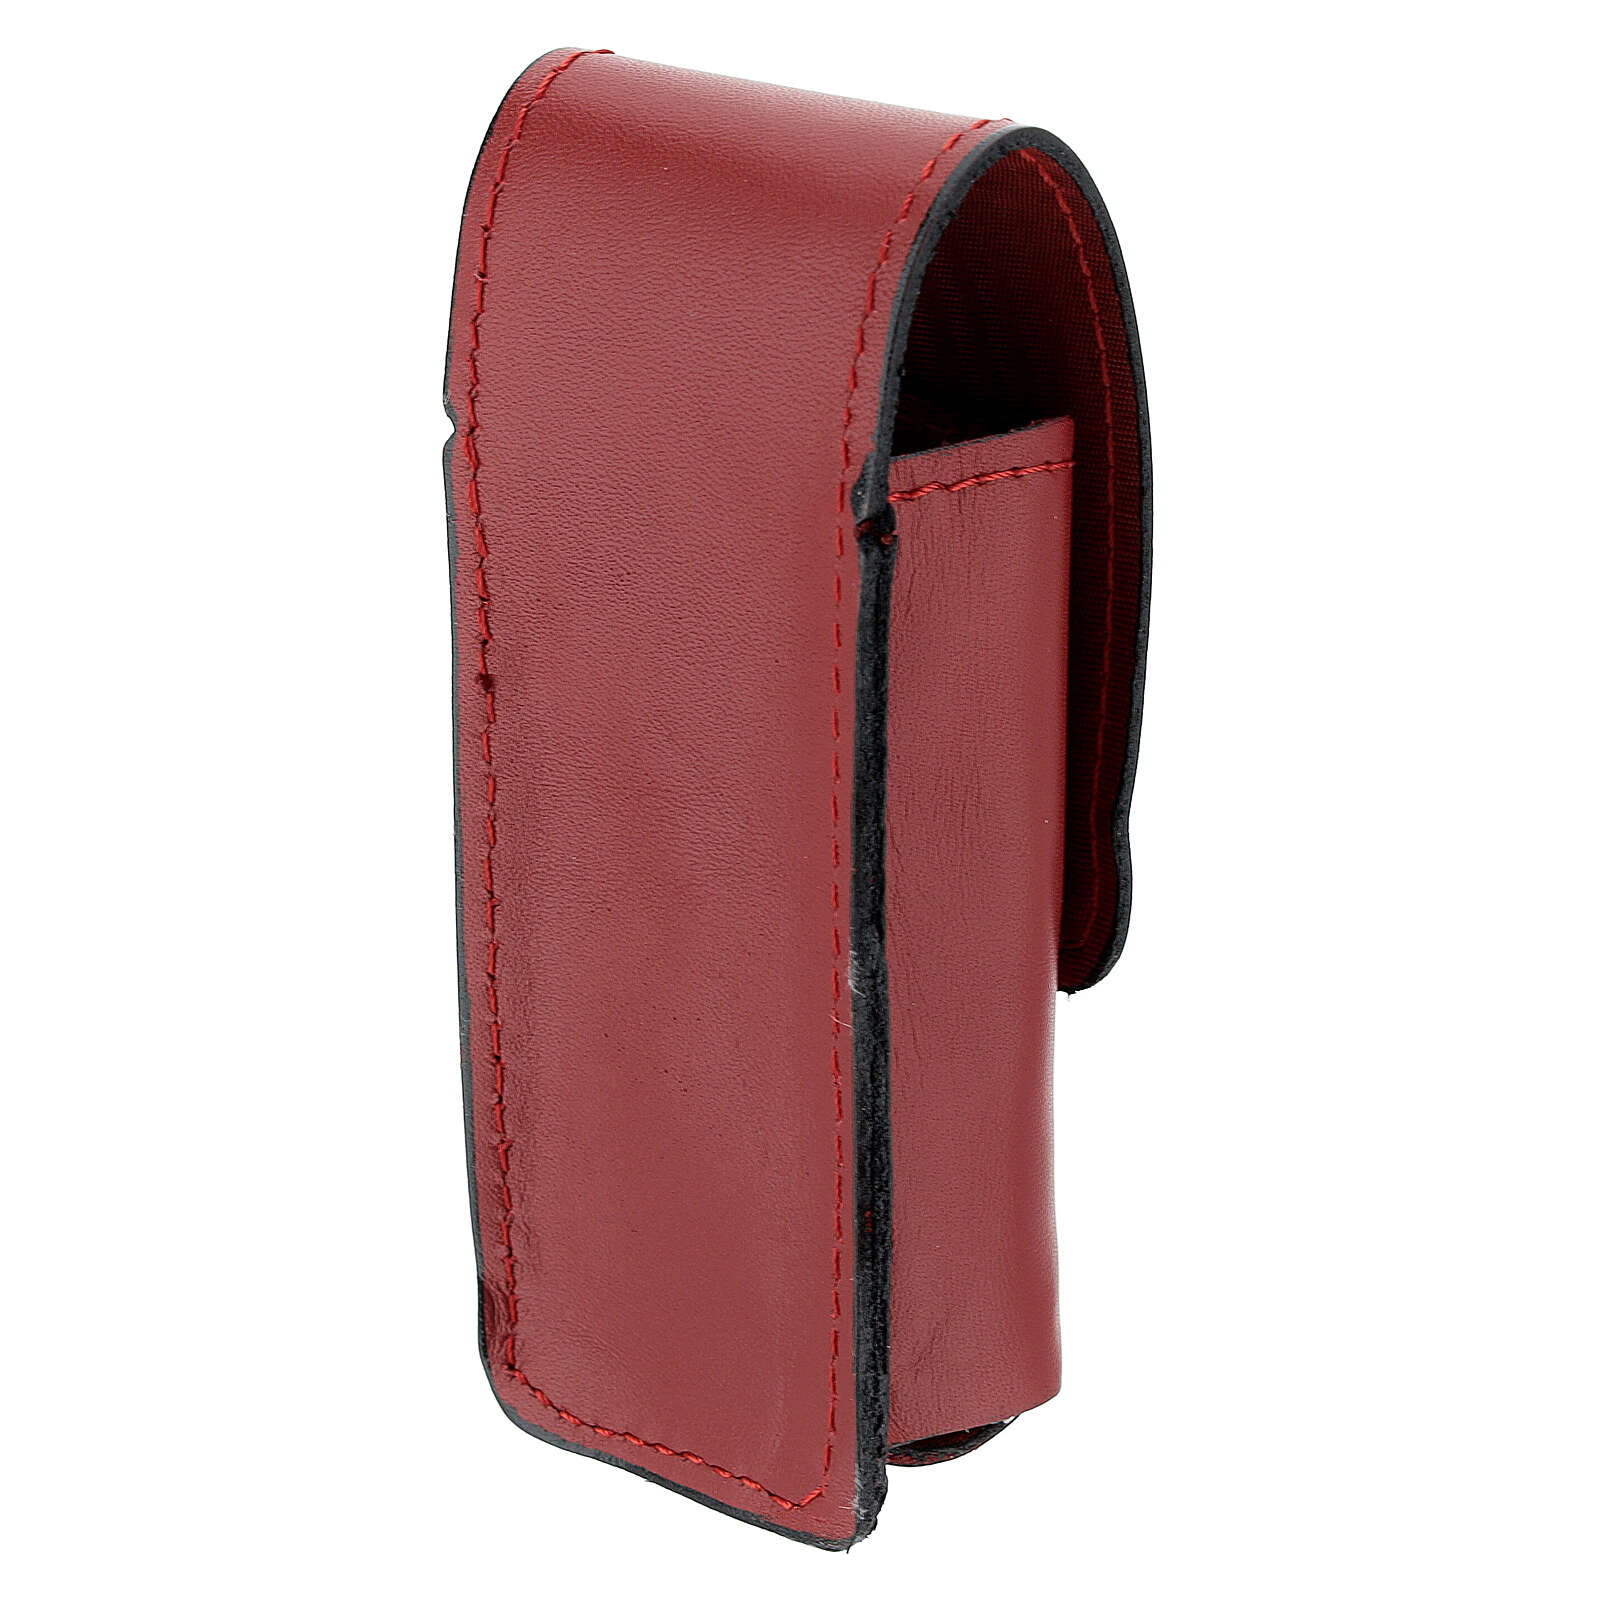 Astuccio porta asperges 9 cm vera pelle rosso 3